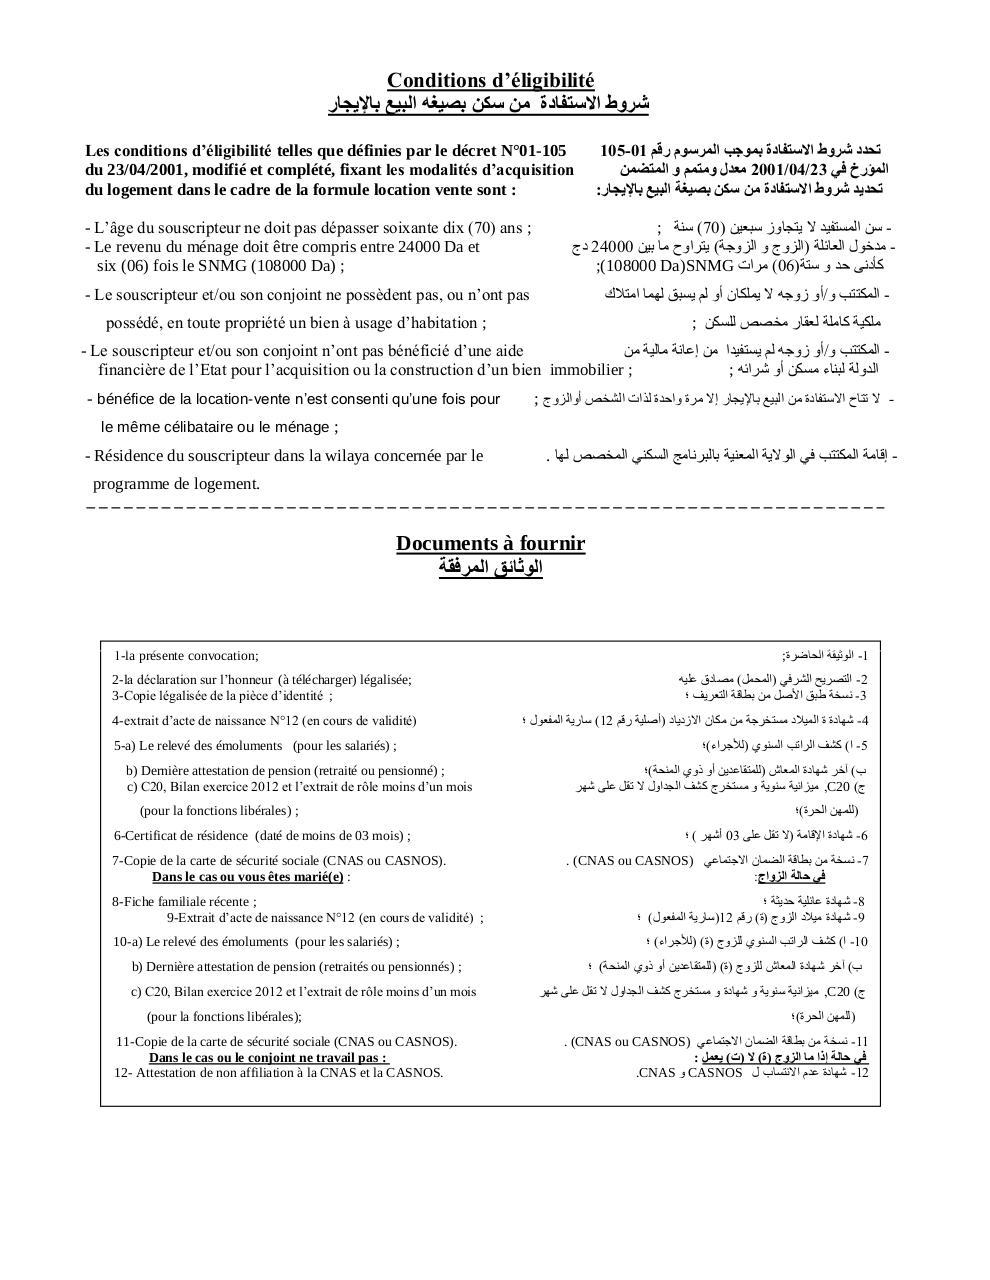 declaration sur lhonneur aadl